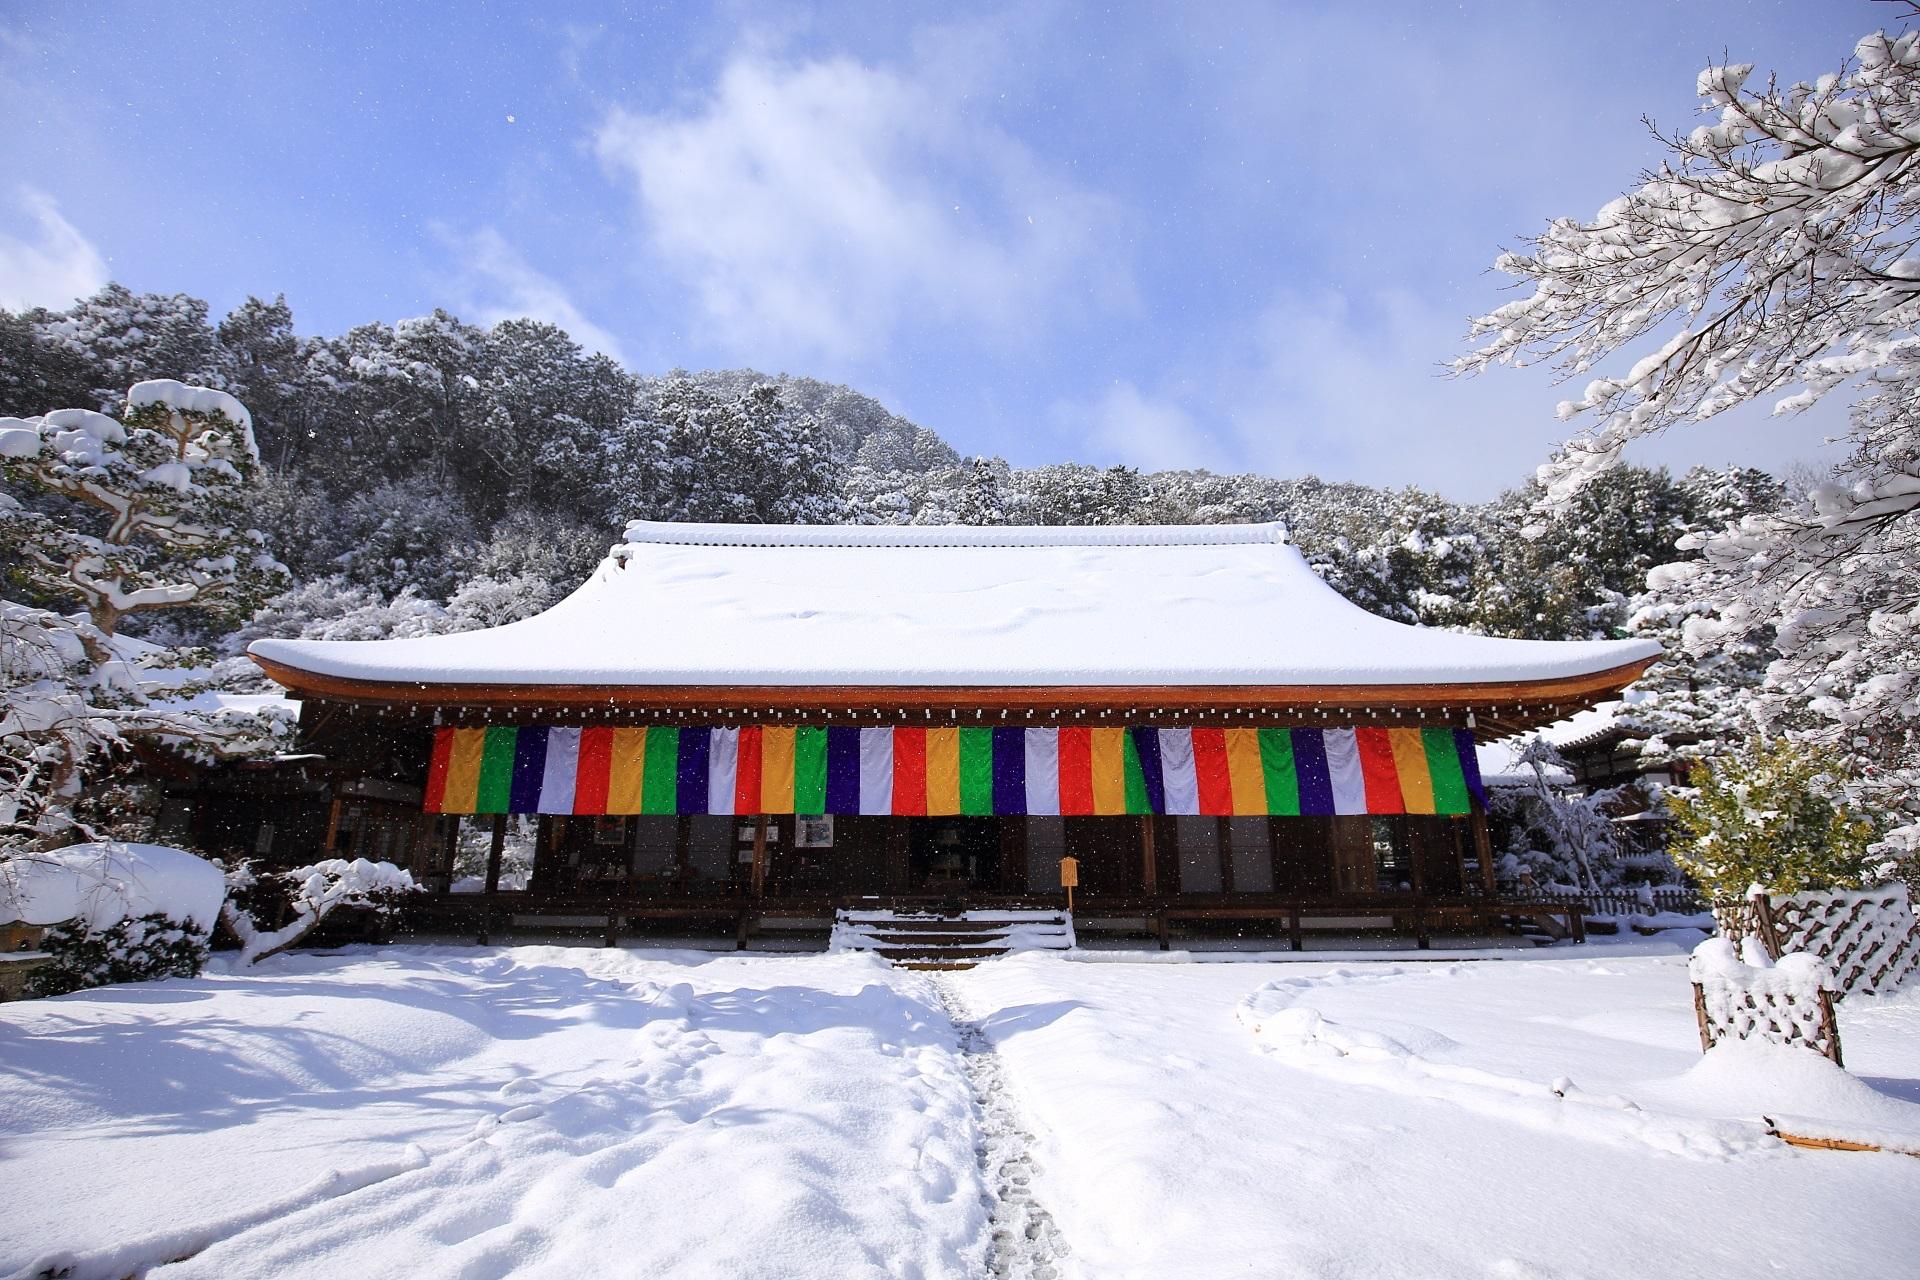 二尊院の絵になる青空の雪景色